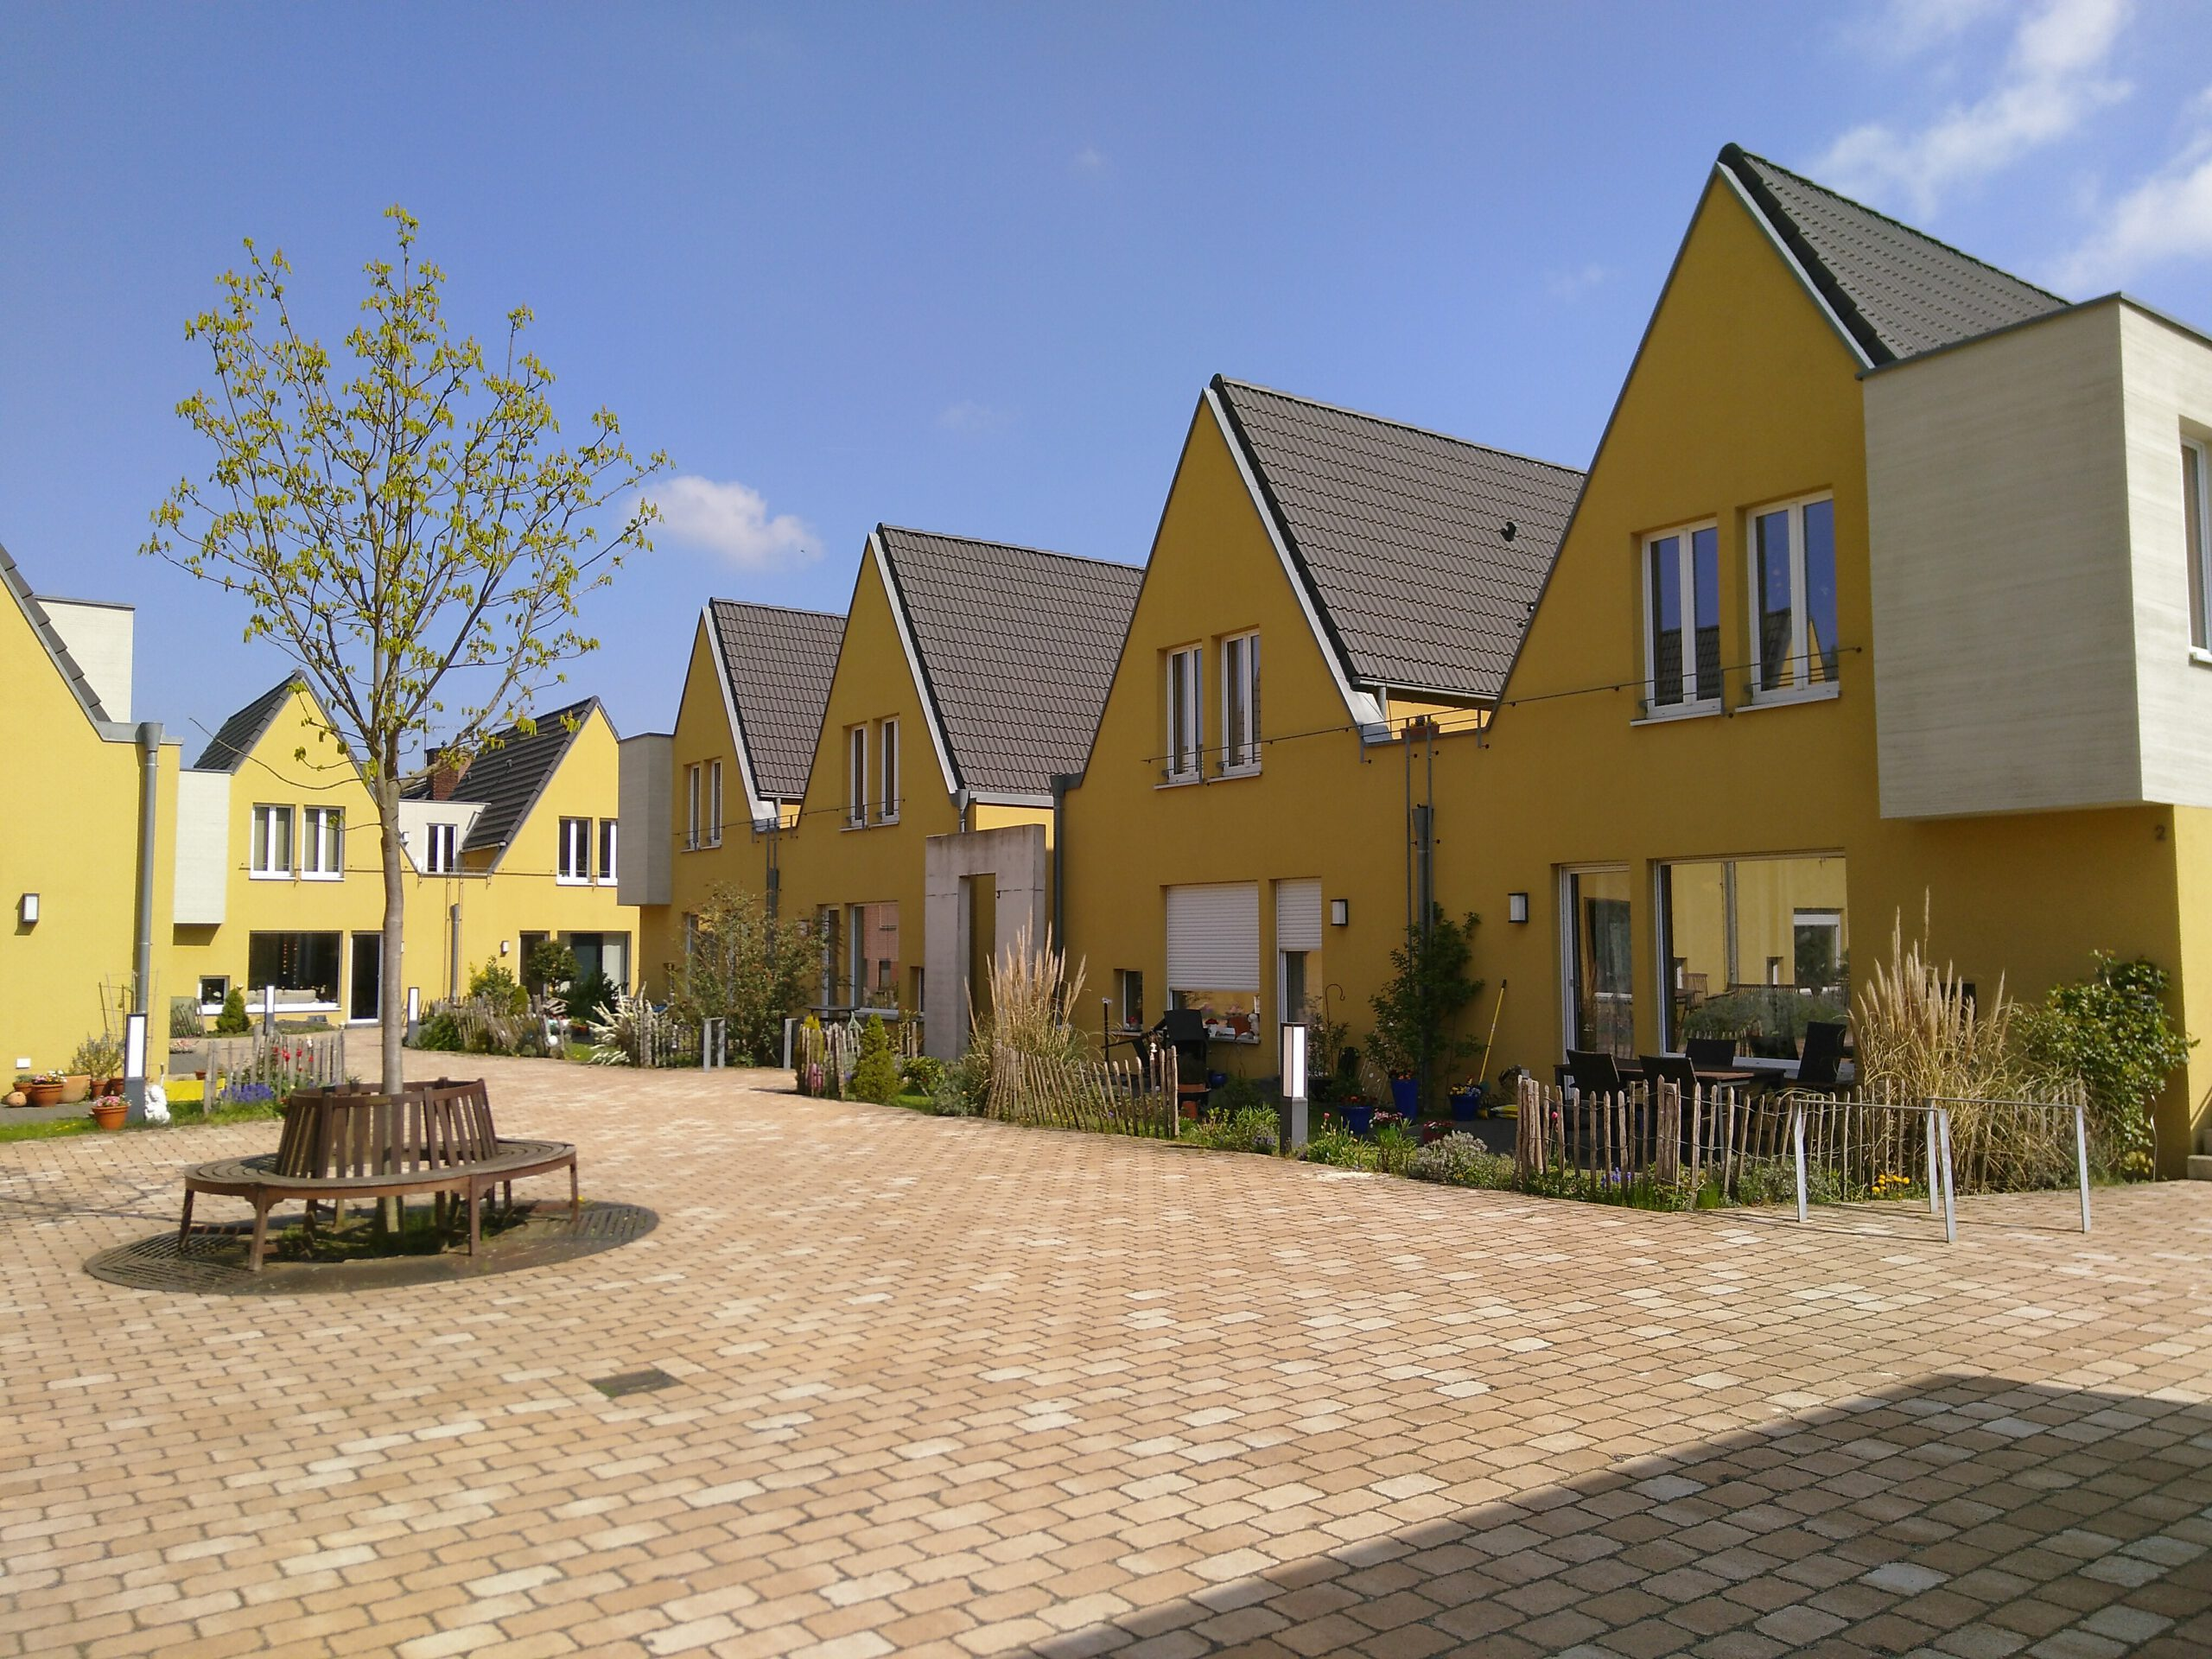 Rechts und hinten gelbe spitzgiebelige Häuser. Links mittig der noch nicht blühende Kastanienbaum mit einer Bank drumherum. Gepflasterter Hof.